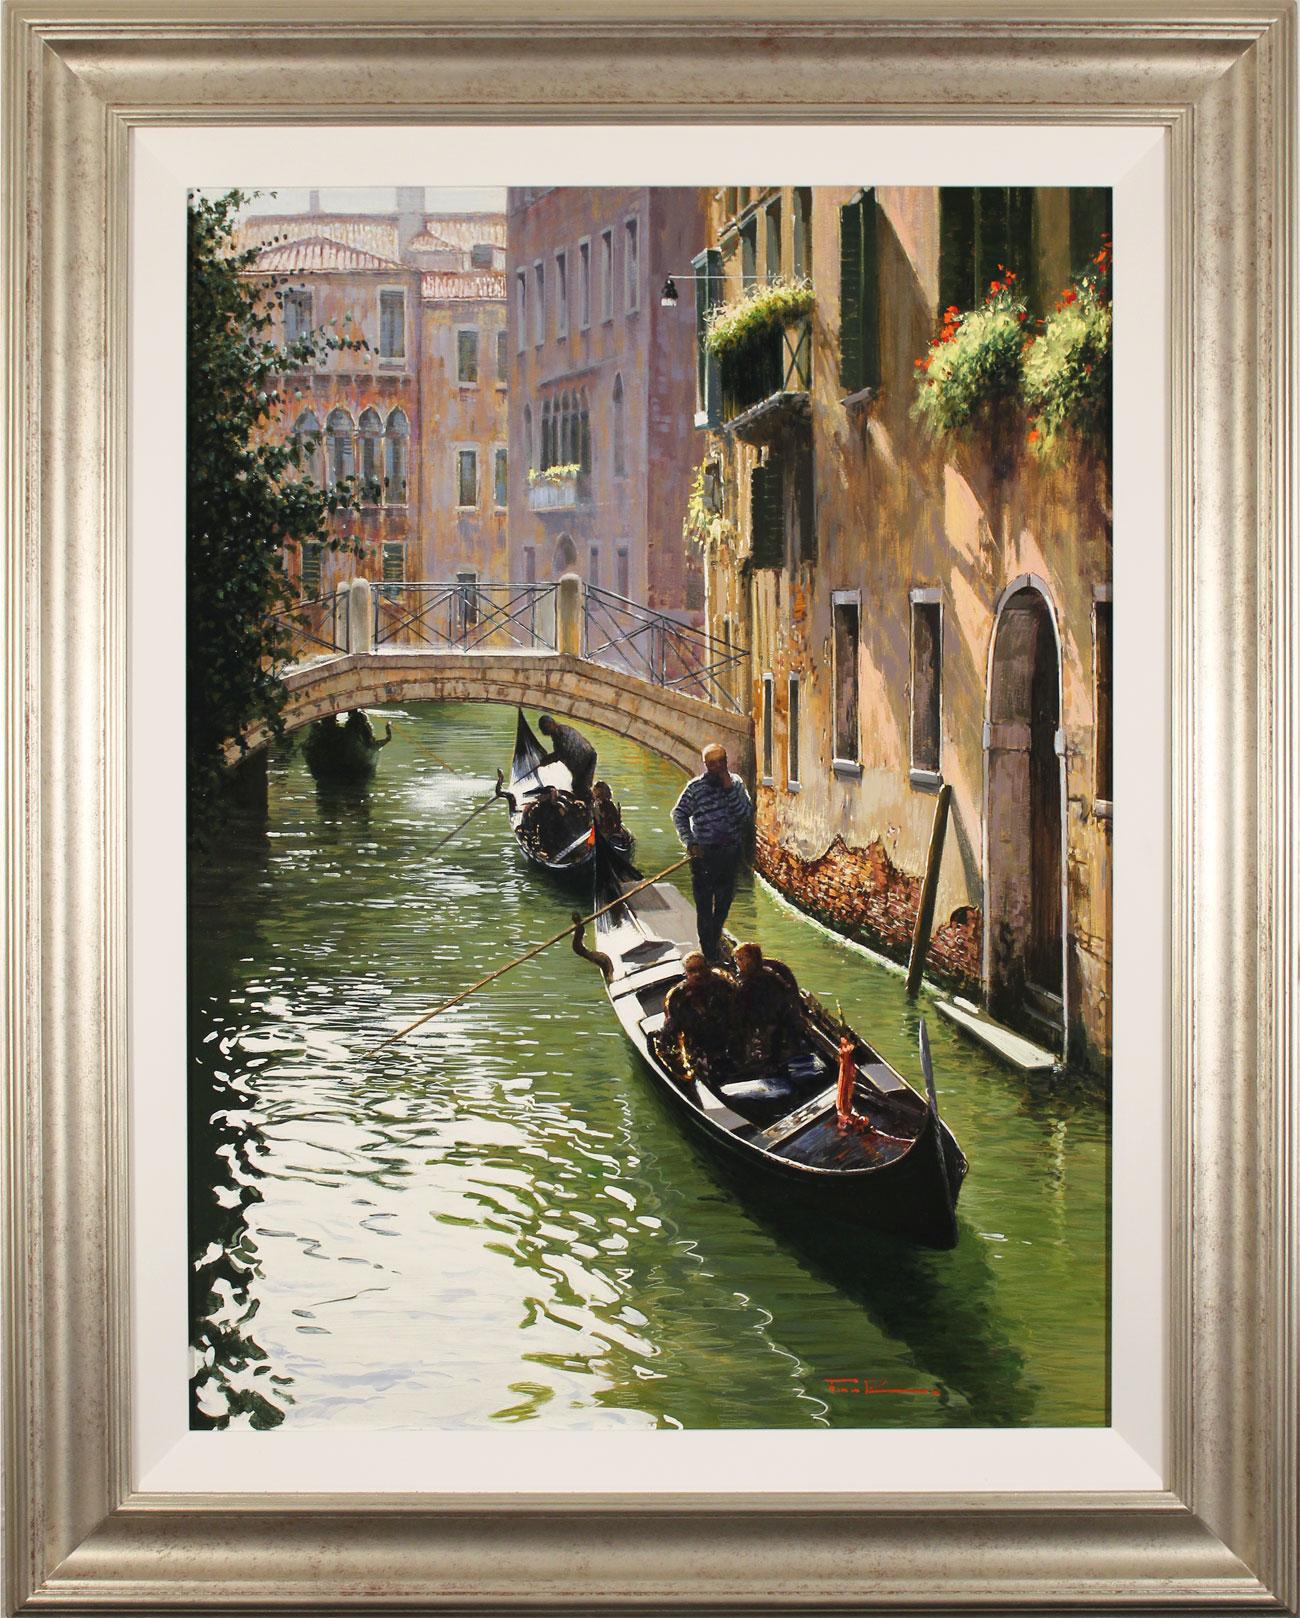 Raffaele Fiore, Original oil painting on canvas, Venetian Gondolas  Click to enlarge